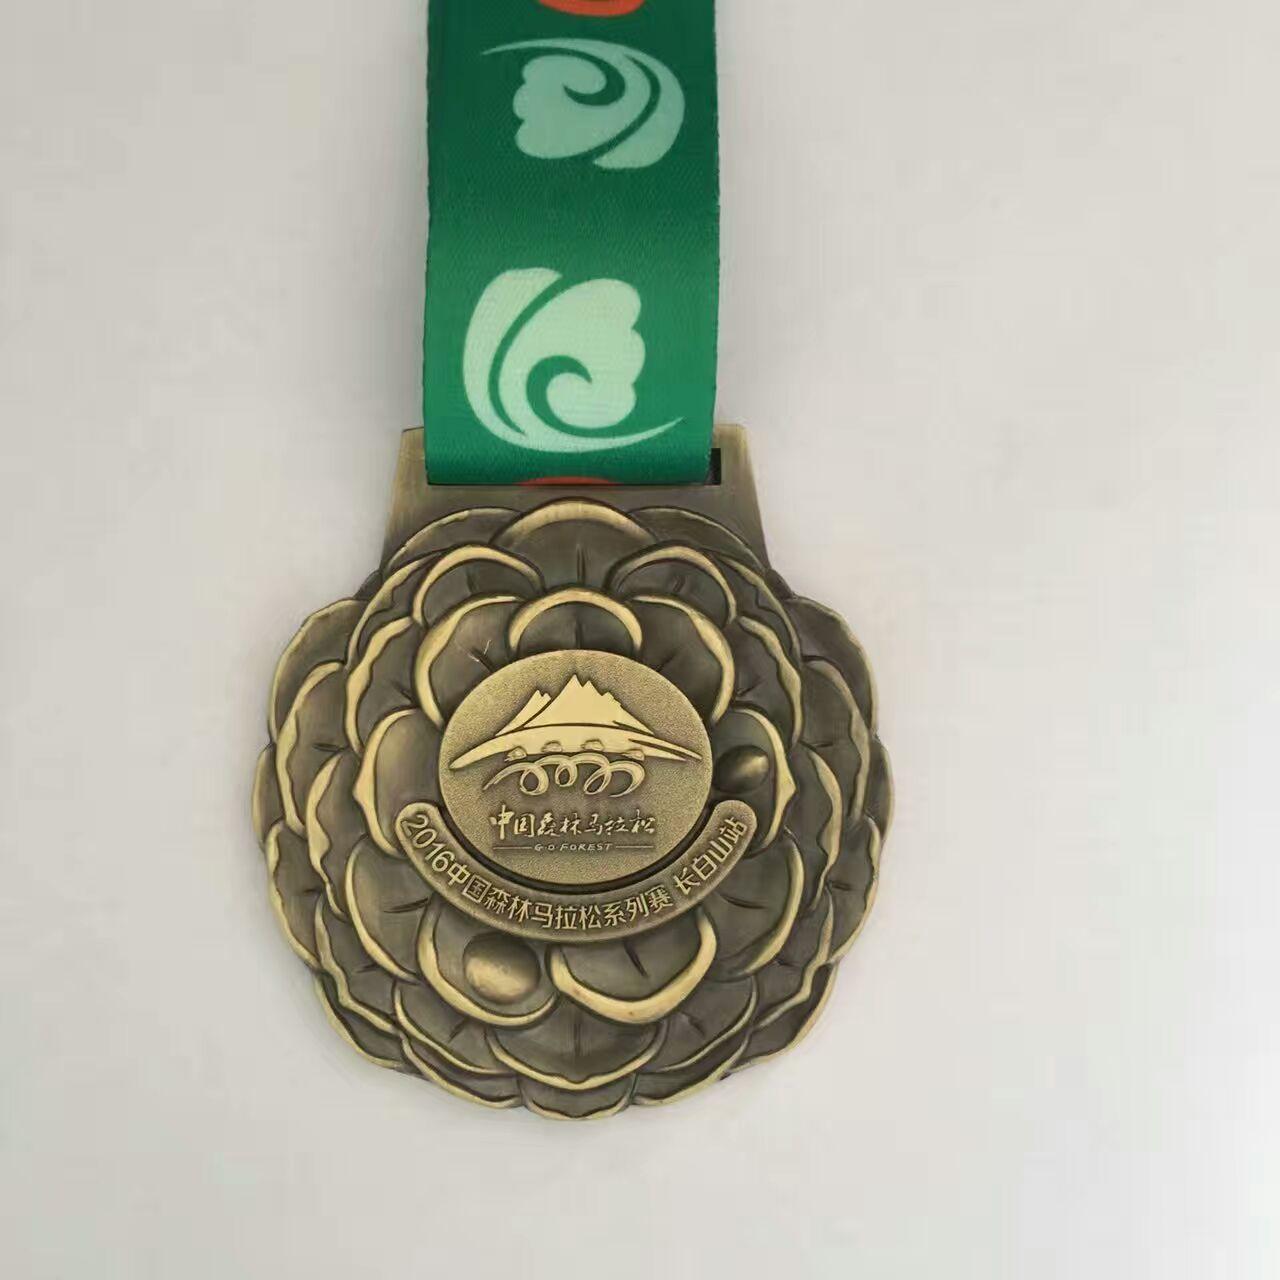 定做沈阳金属奖牌 大连国际马拉松奖牌设计制作